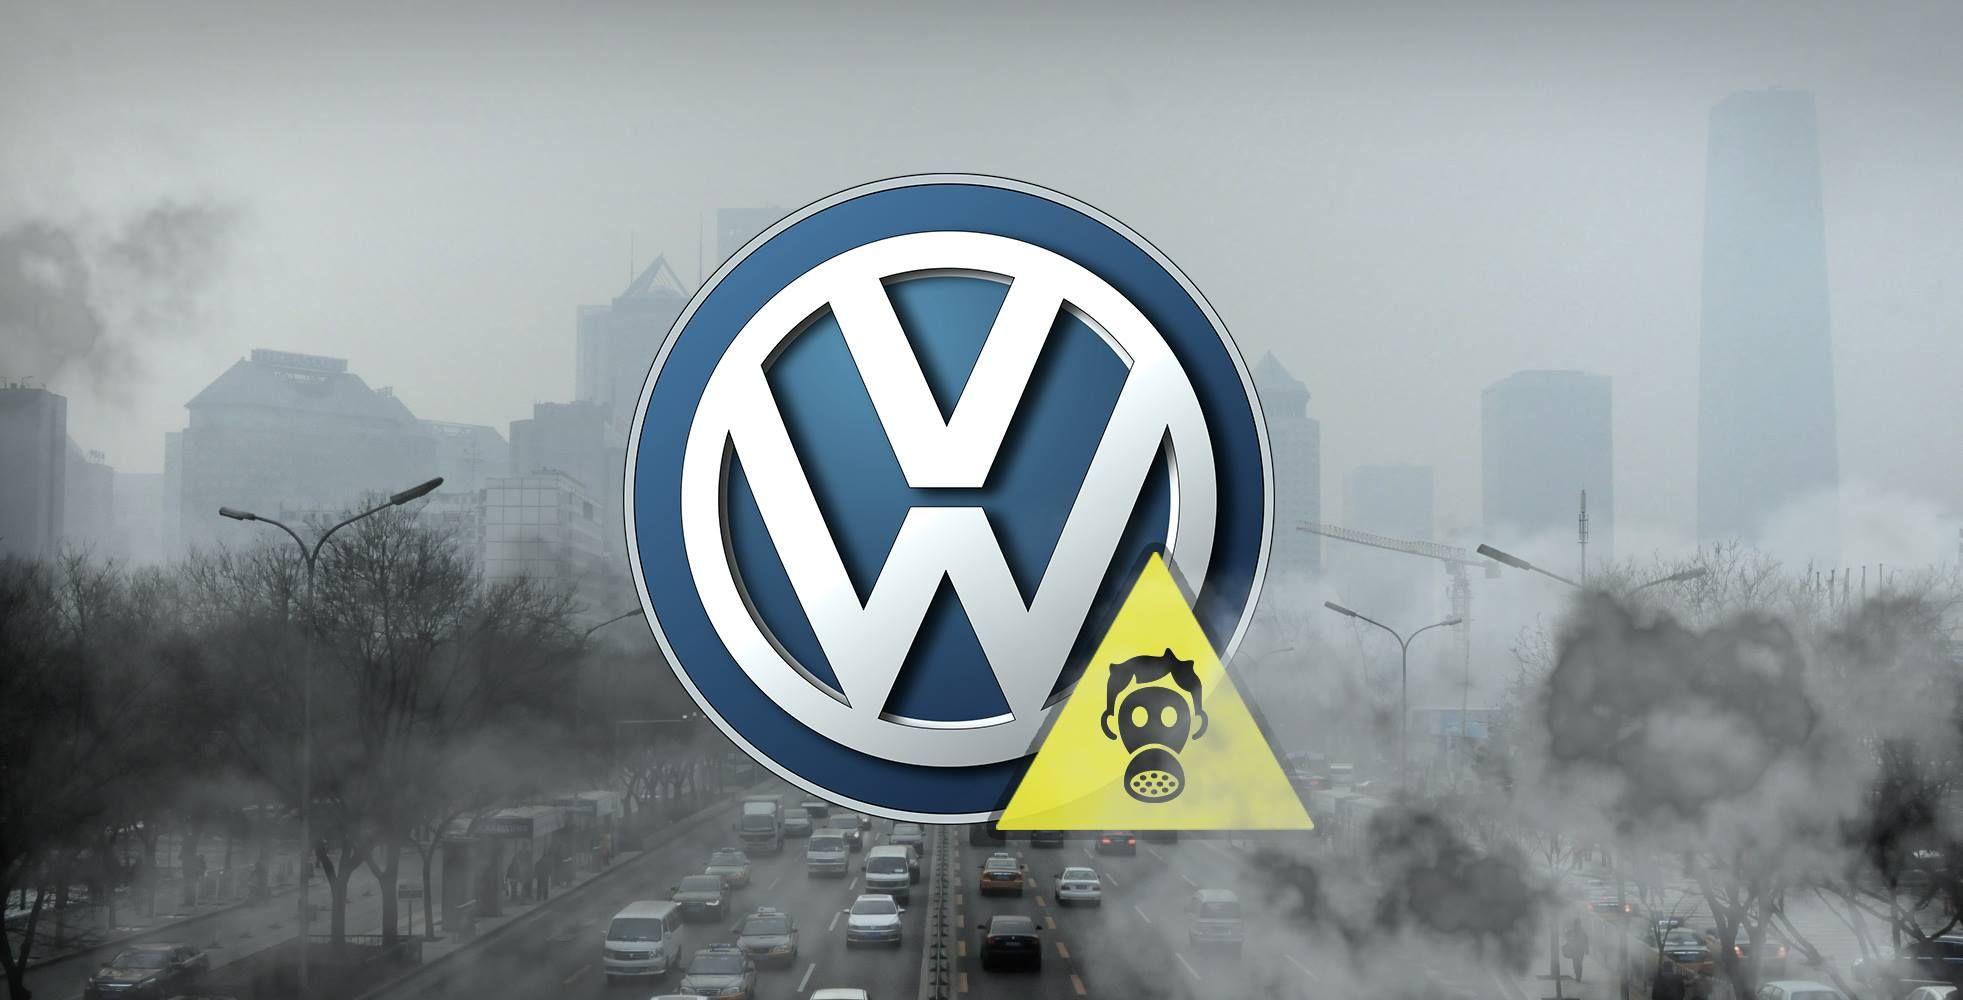 #Volkswagen- #CO2- #inquinamento-  emissioni di Co2 sono spesso associate a fenomeni di impatto negativo a livello climatico e ambientale, ma sono anche causa di malattie respiratorie e cardiovascolari.Pharmawizard